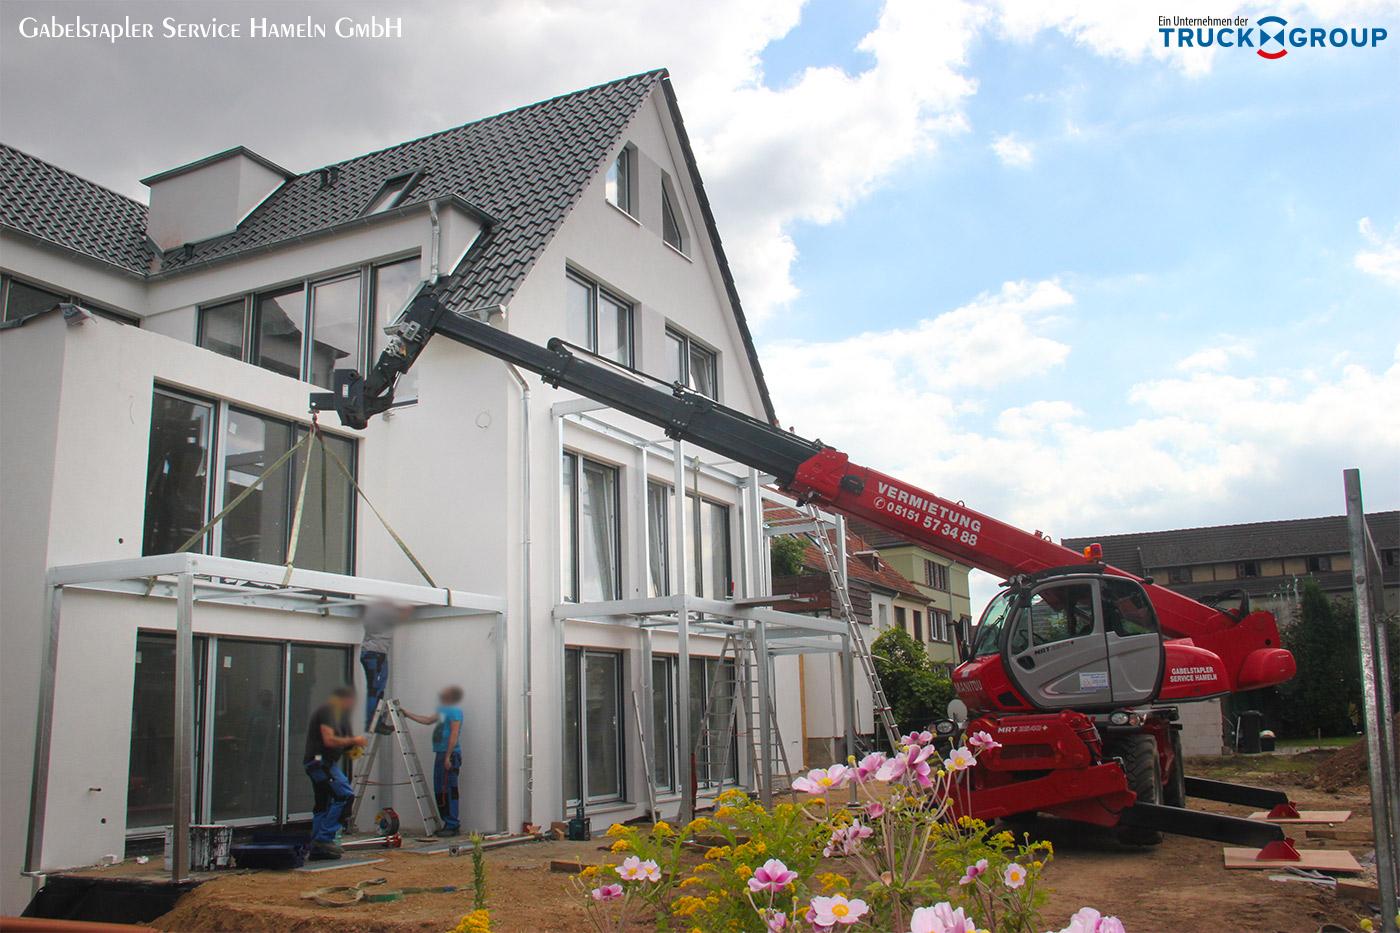 Teleskopstapler erweist sich wieder einmal als nützlicher Helfer beim Hausbau